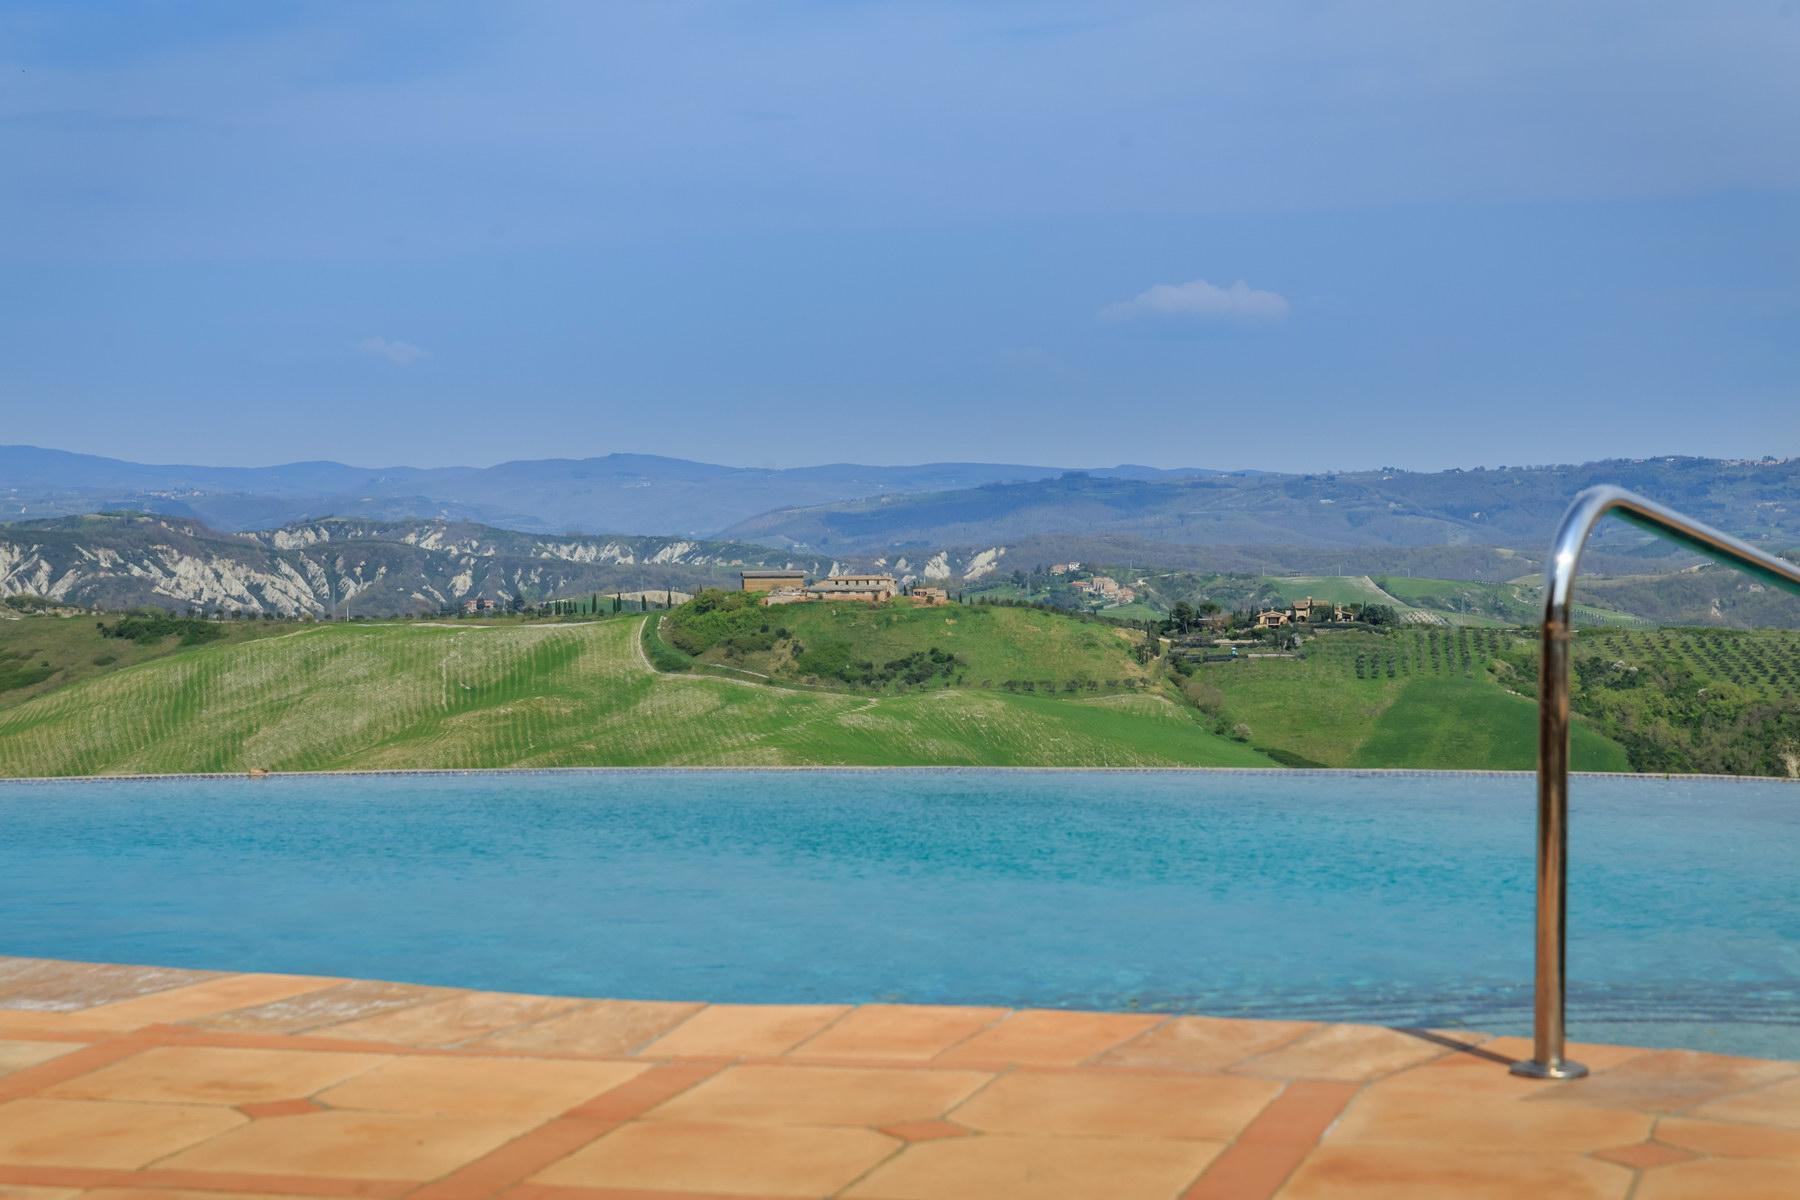 坐落在Umbria山丘的绝美农舍 - 15